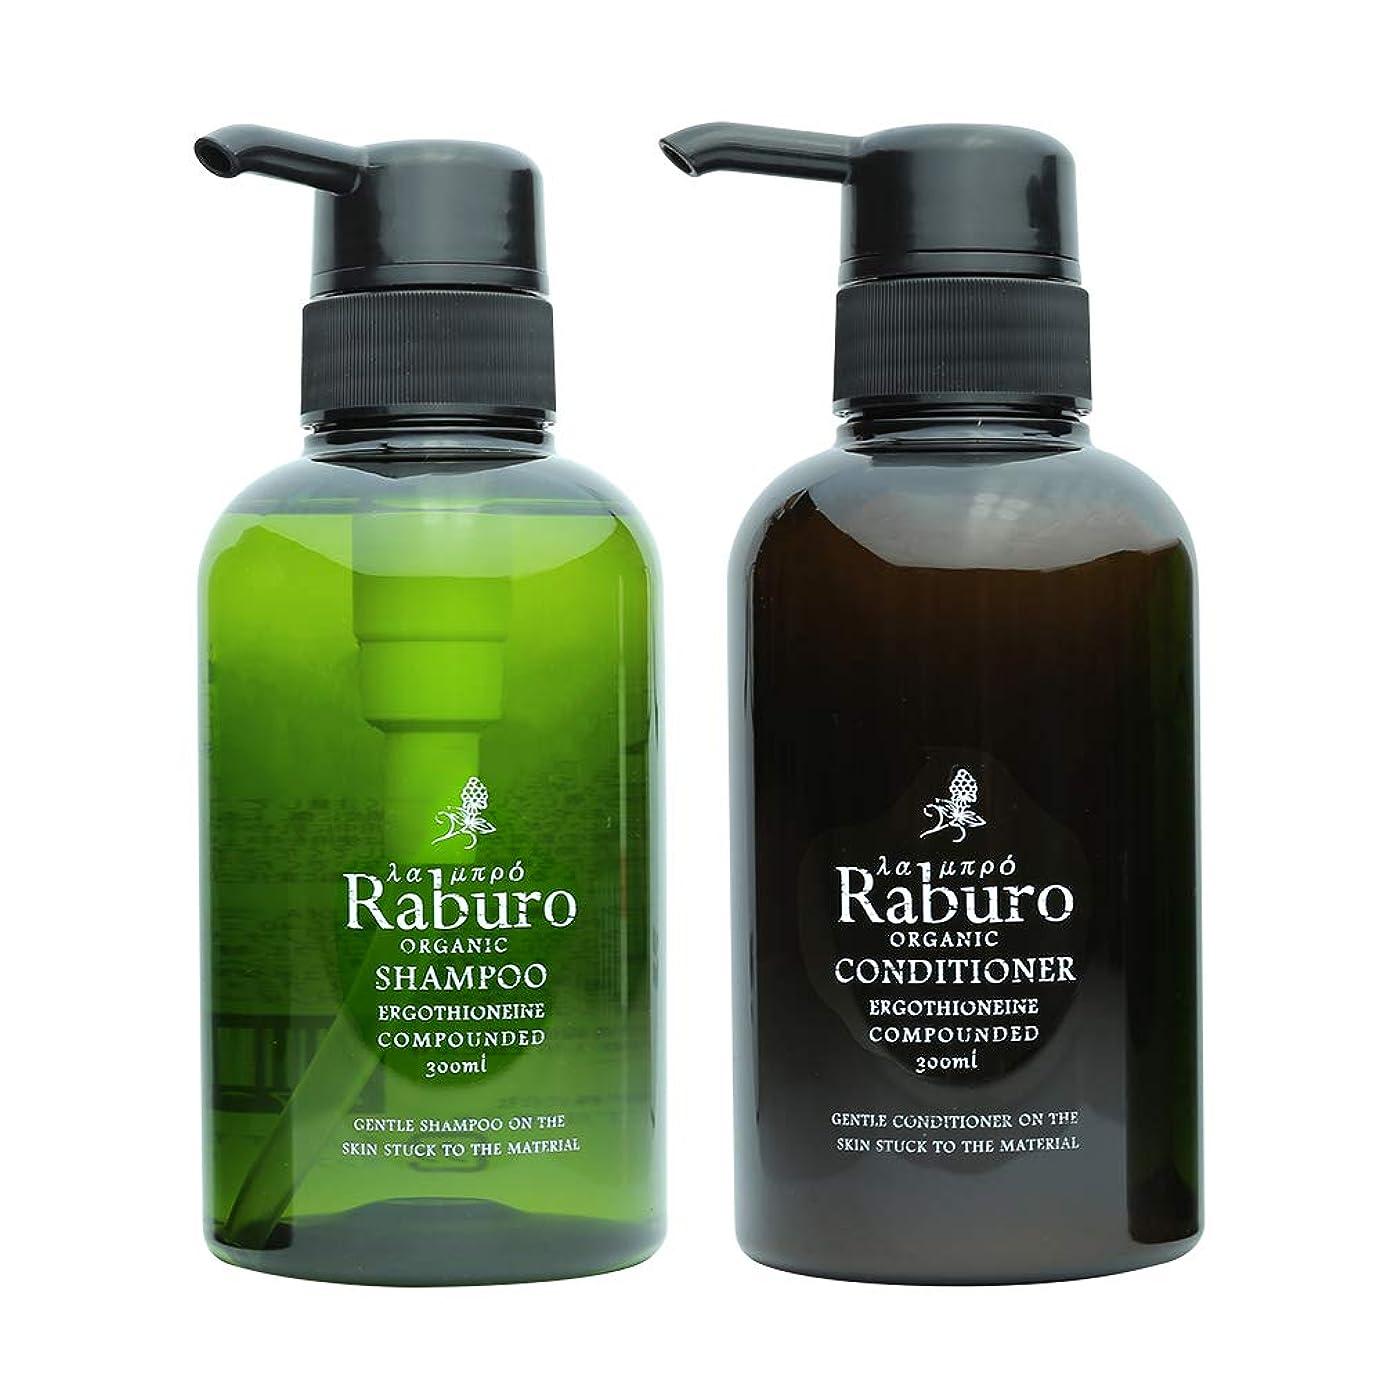 狂った性能絶対のラブロ(Raburo)オーガニックシャンプー&コンディショナー 300mlセット【男性/女性/子供兼用】髪と頭皮にやさしい15の無添加 低刺激 弱酸性 アミノ酸 ノンシリコン 天然由来成分